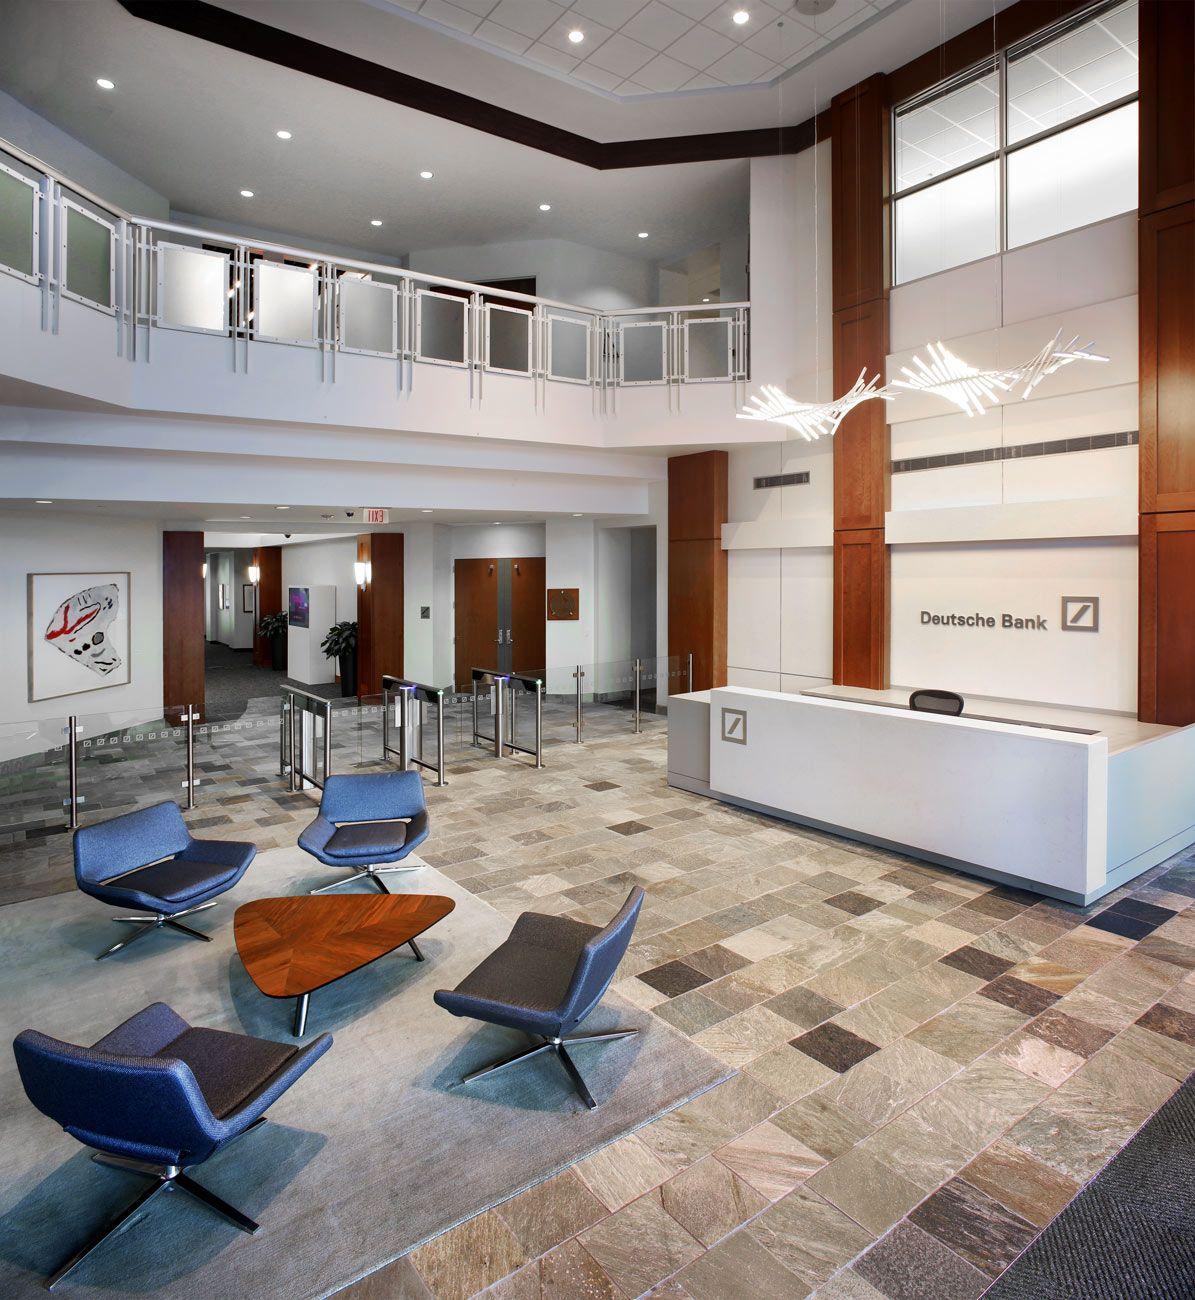 Deutsche-Bank---5201-Lobby,-Reception-2.jpg